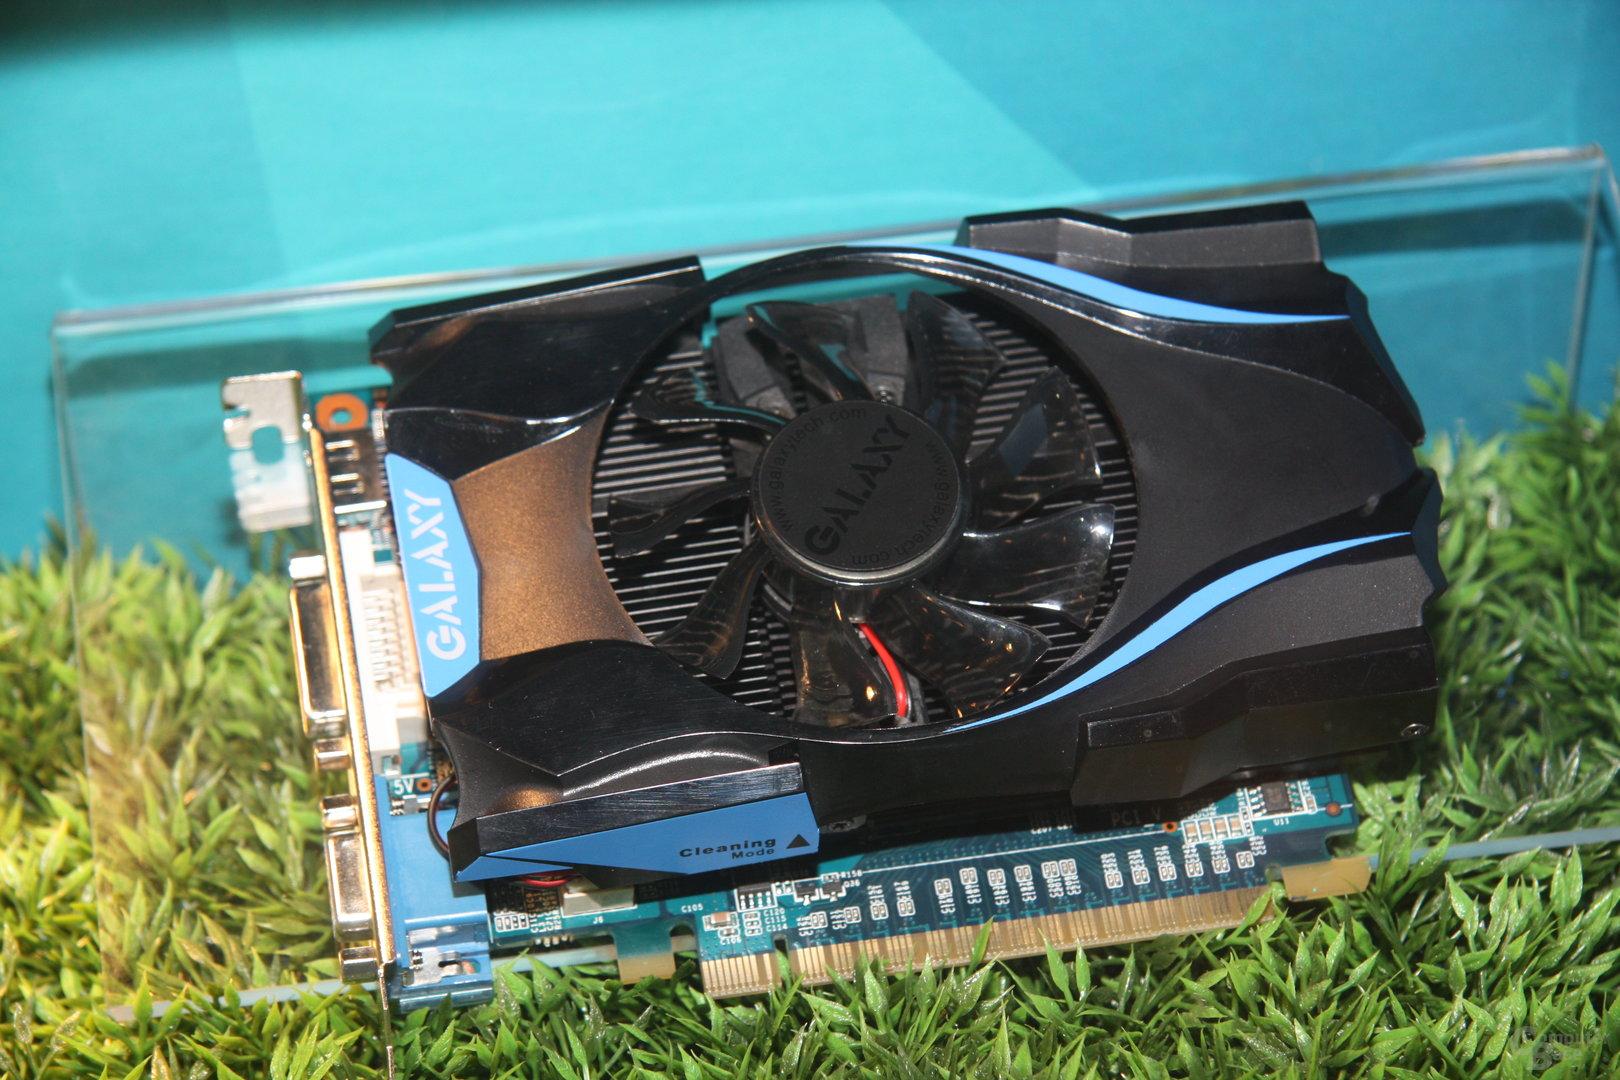 Galaxy GeForce GT 640